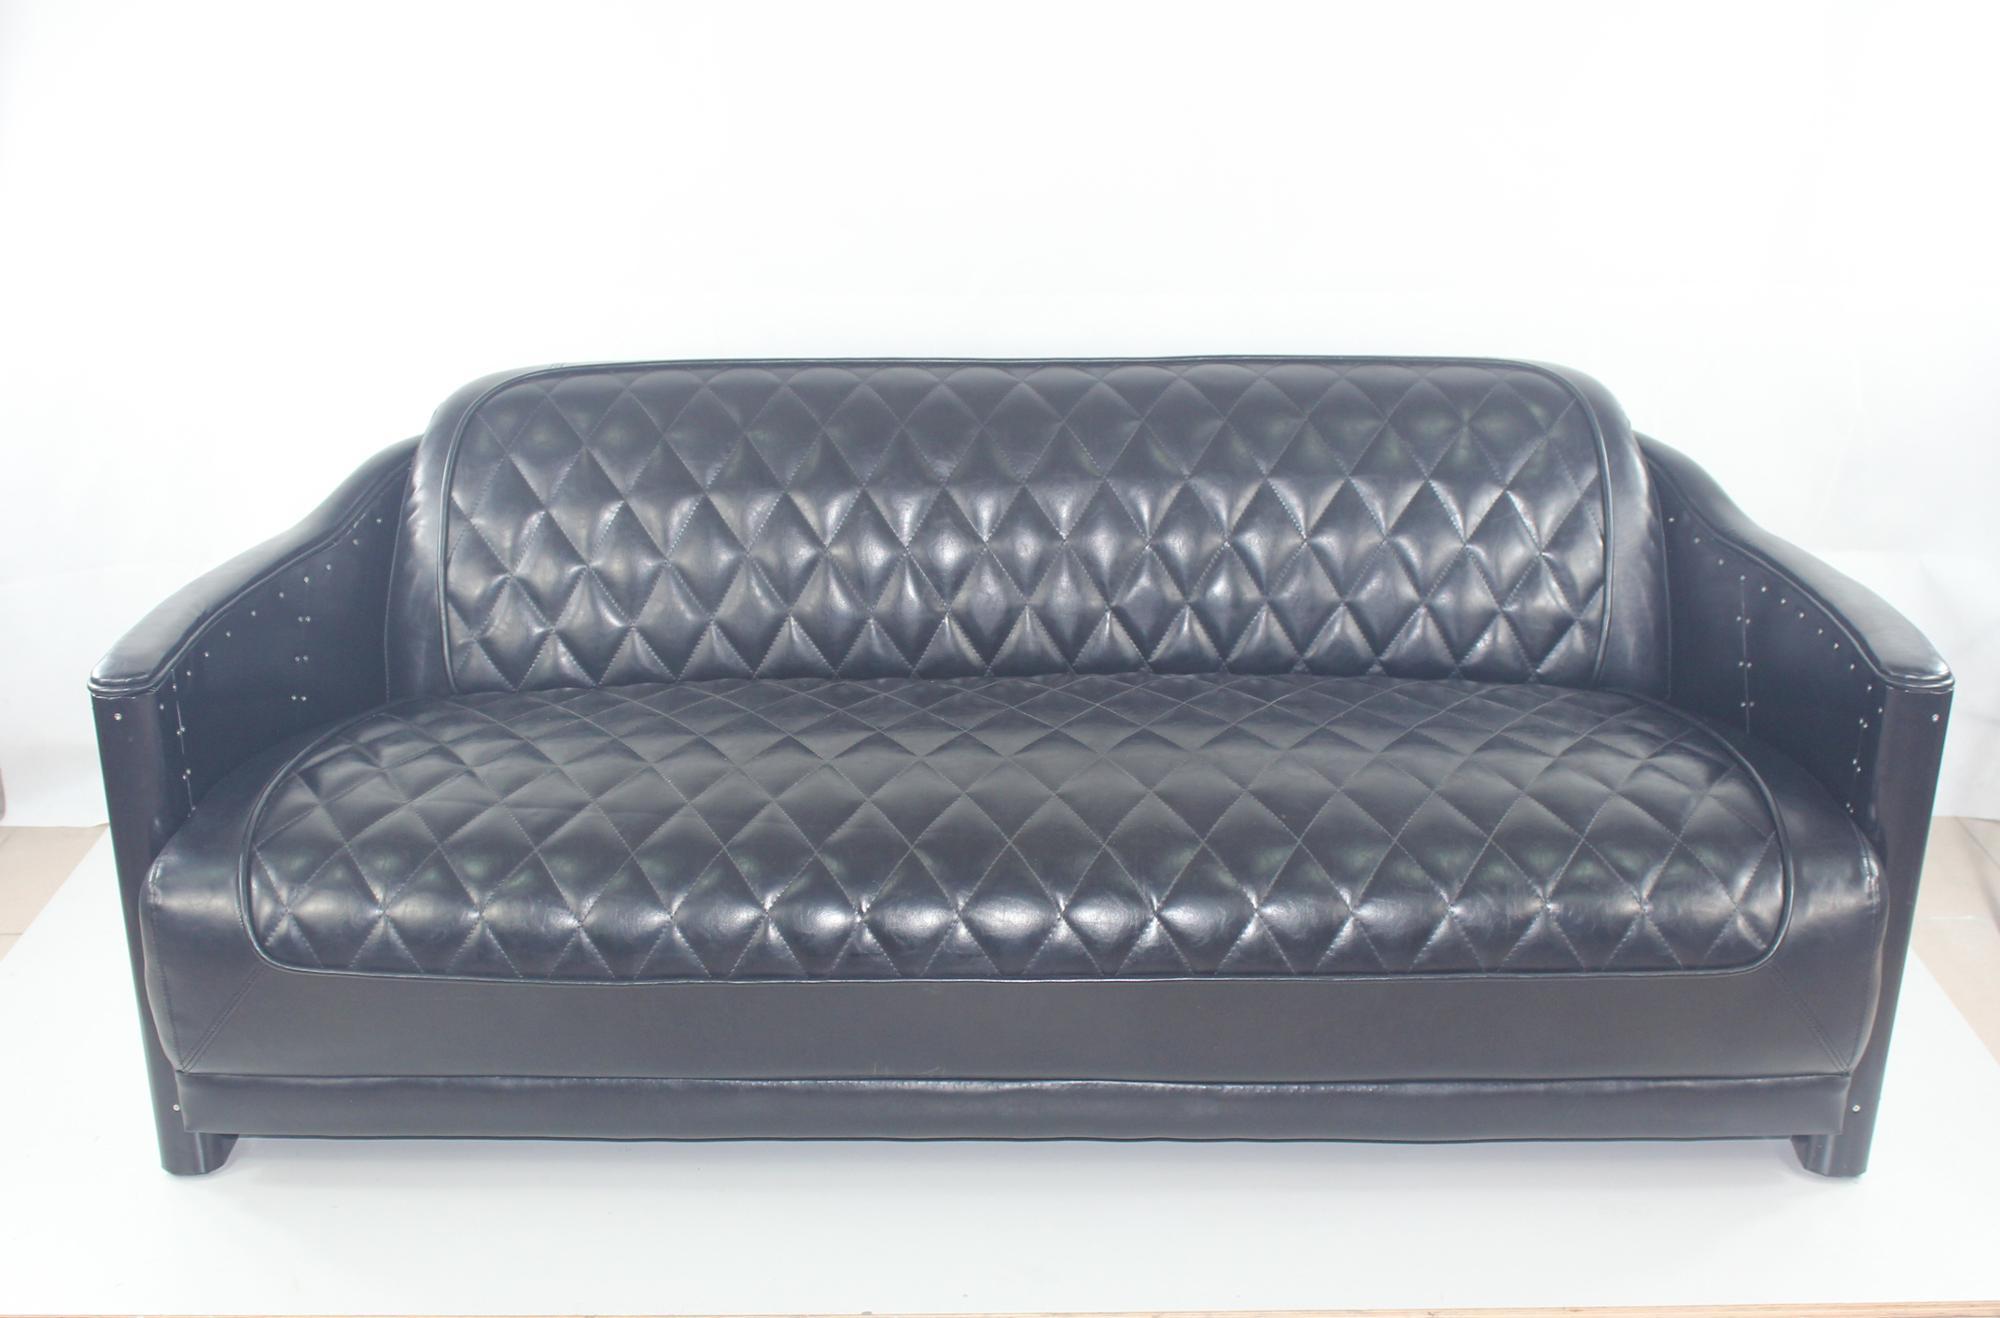 Sedie Vintage Pelle : Aviator vintage design in pelle divano sesso sedia buy product on